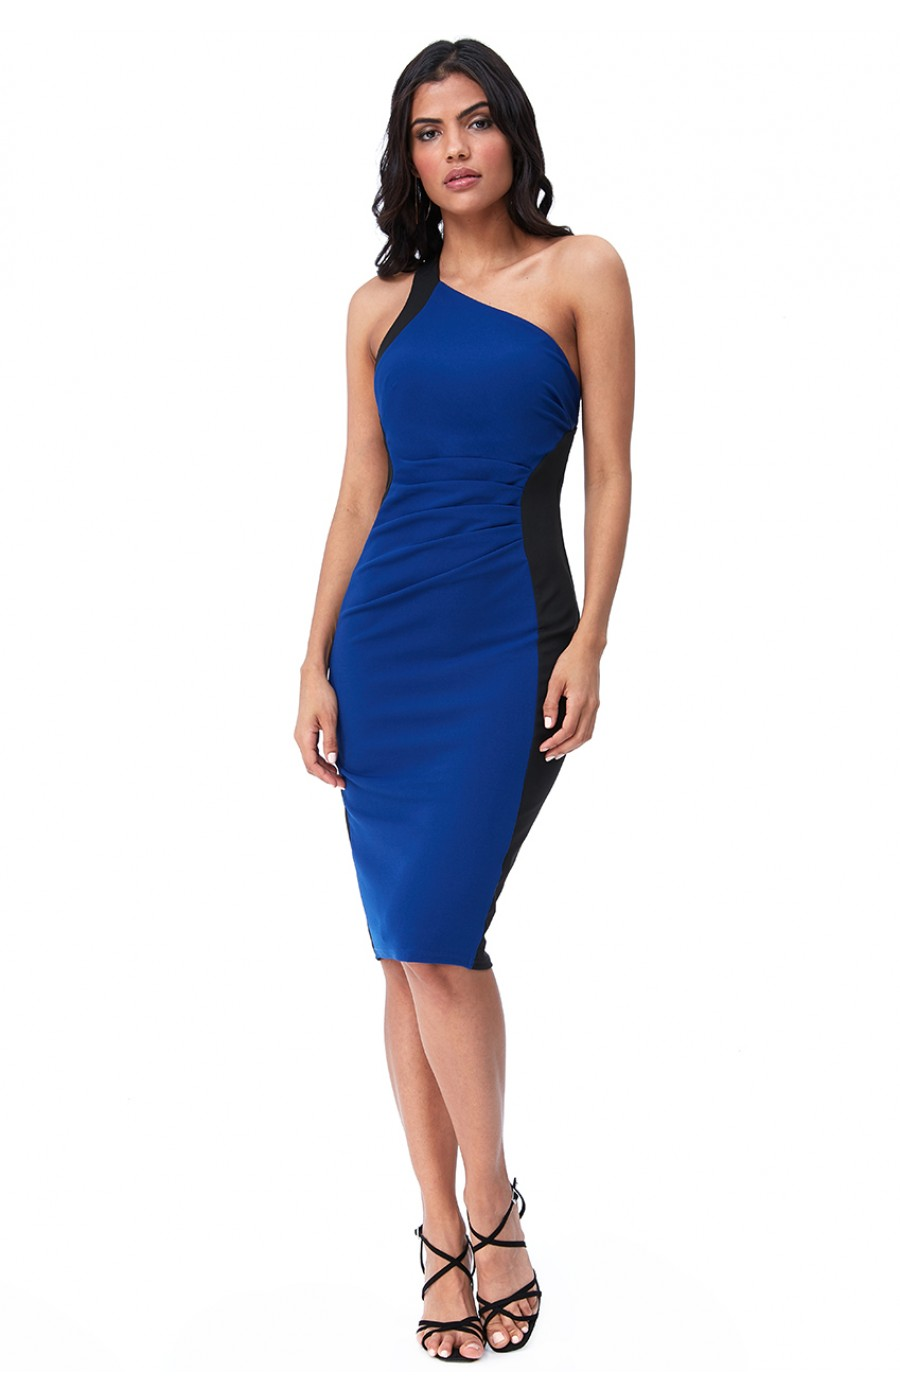 Ασύμετρο μιντι φόρεμα σε μπλε και μαυρο